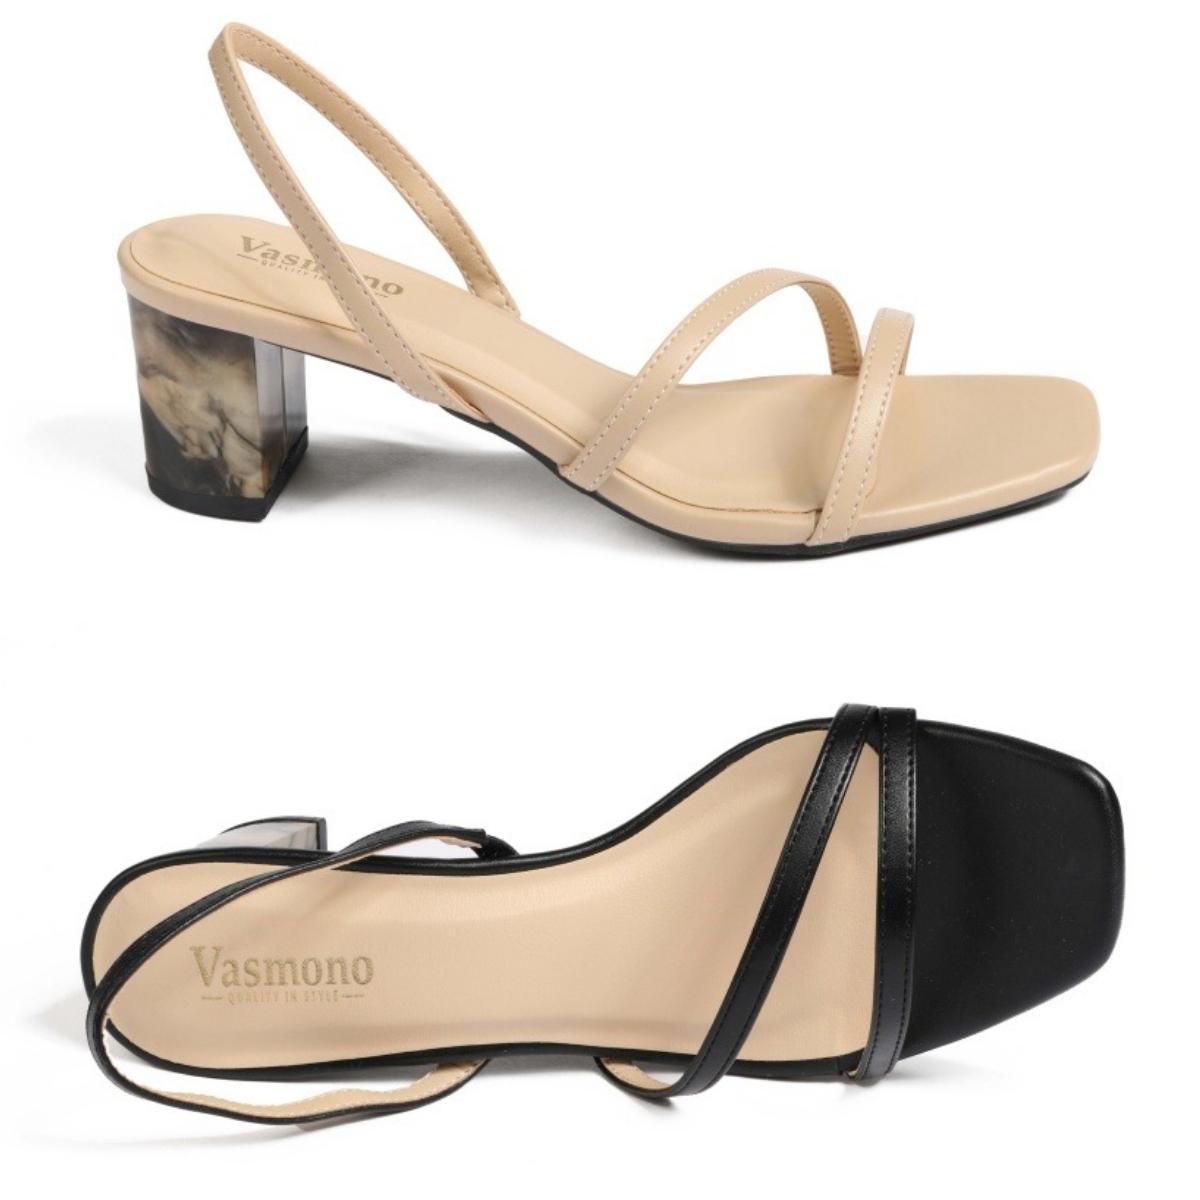 Nếu không thích mẫu giày bít mũi, các nàng có thể đổi phong cách với giày sandal quai mảnh Vasmono 118. Gót trụ 5 cm giúp chị em di chuyển thoải mái, vẫn tôn dáng mà không lo đau hay mỏi chân. Thiết kế sling back cùng gót giày họa tiết màu loang lạ mắt, dễ phối với nhiều kiểu trang phục từ quần tây đến váy, đầm... Sản phẩm có giá 299.000 đồng, giảm 29% so với giá gốc.